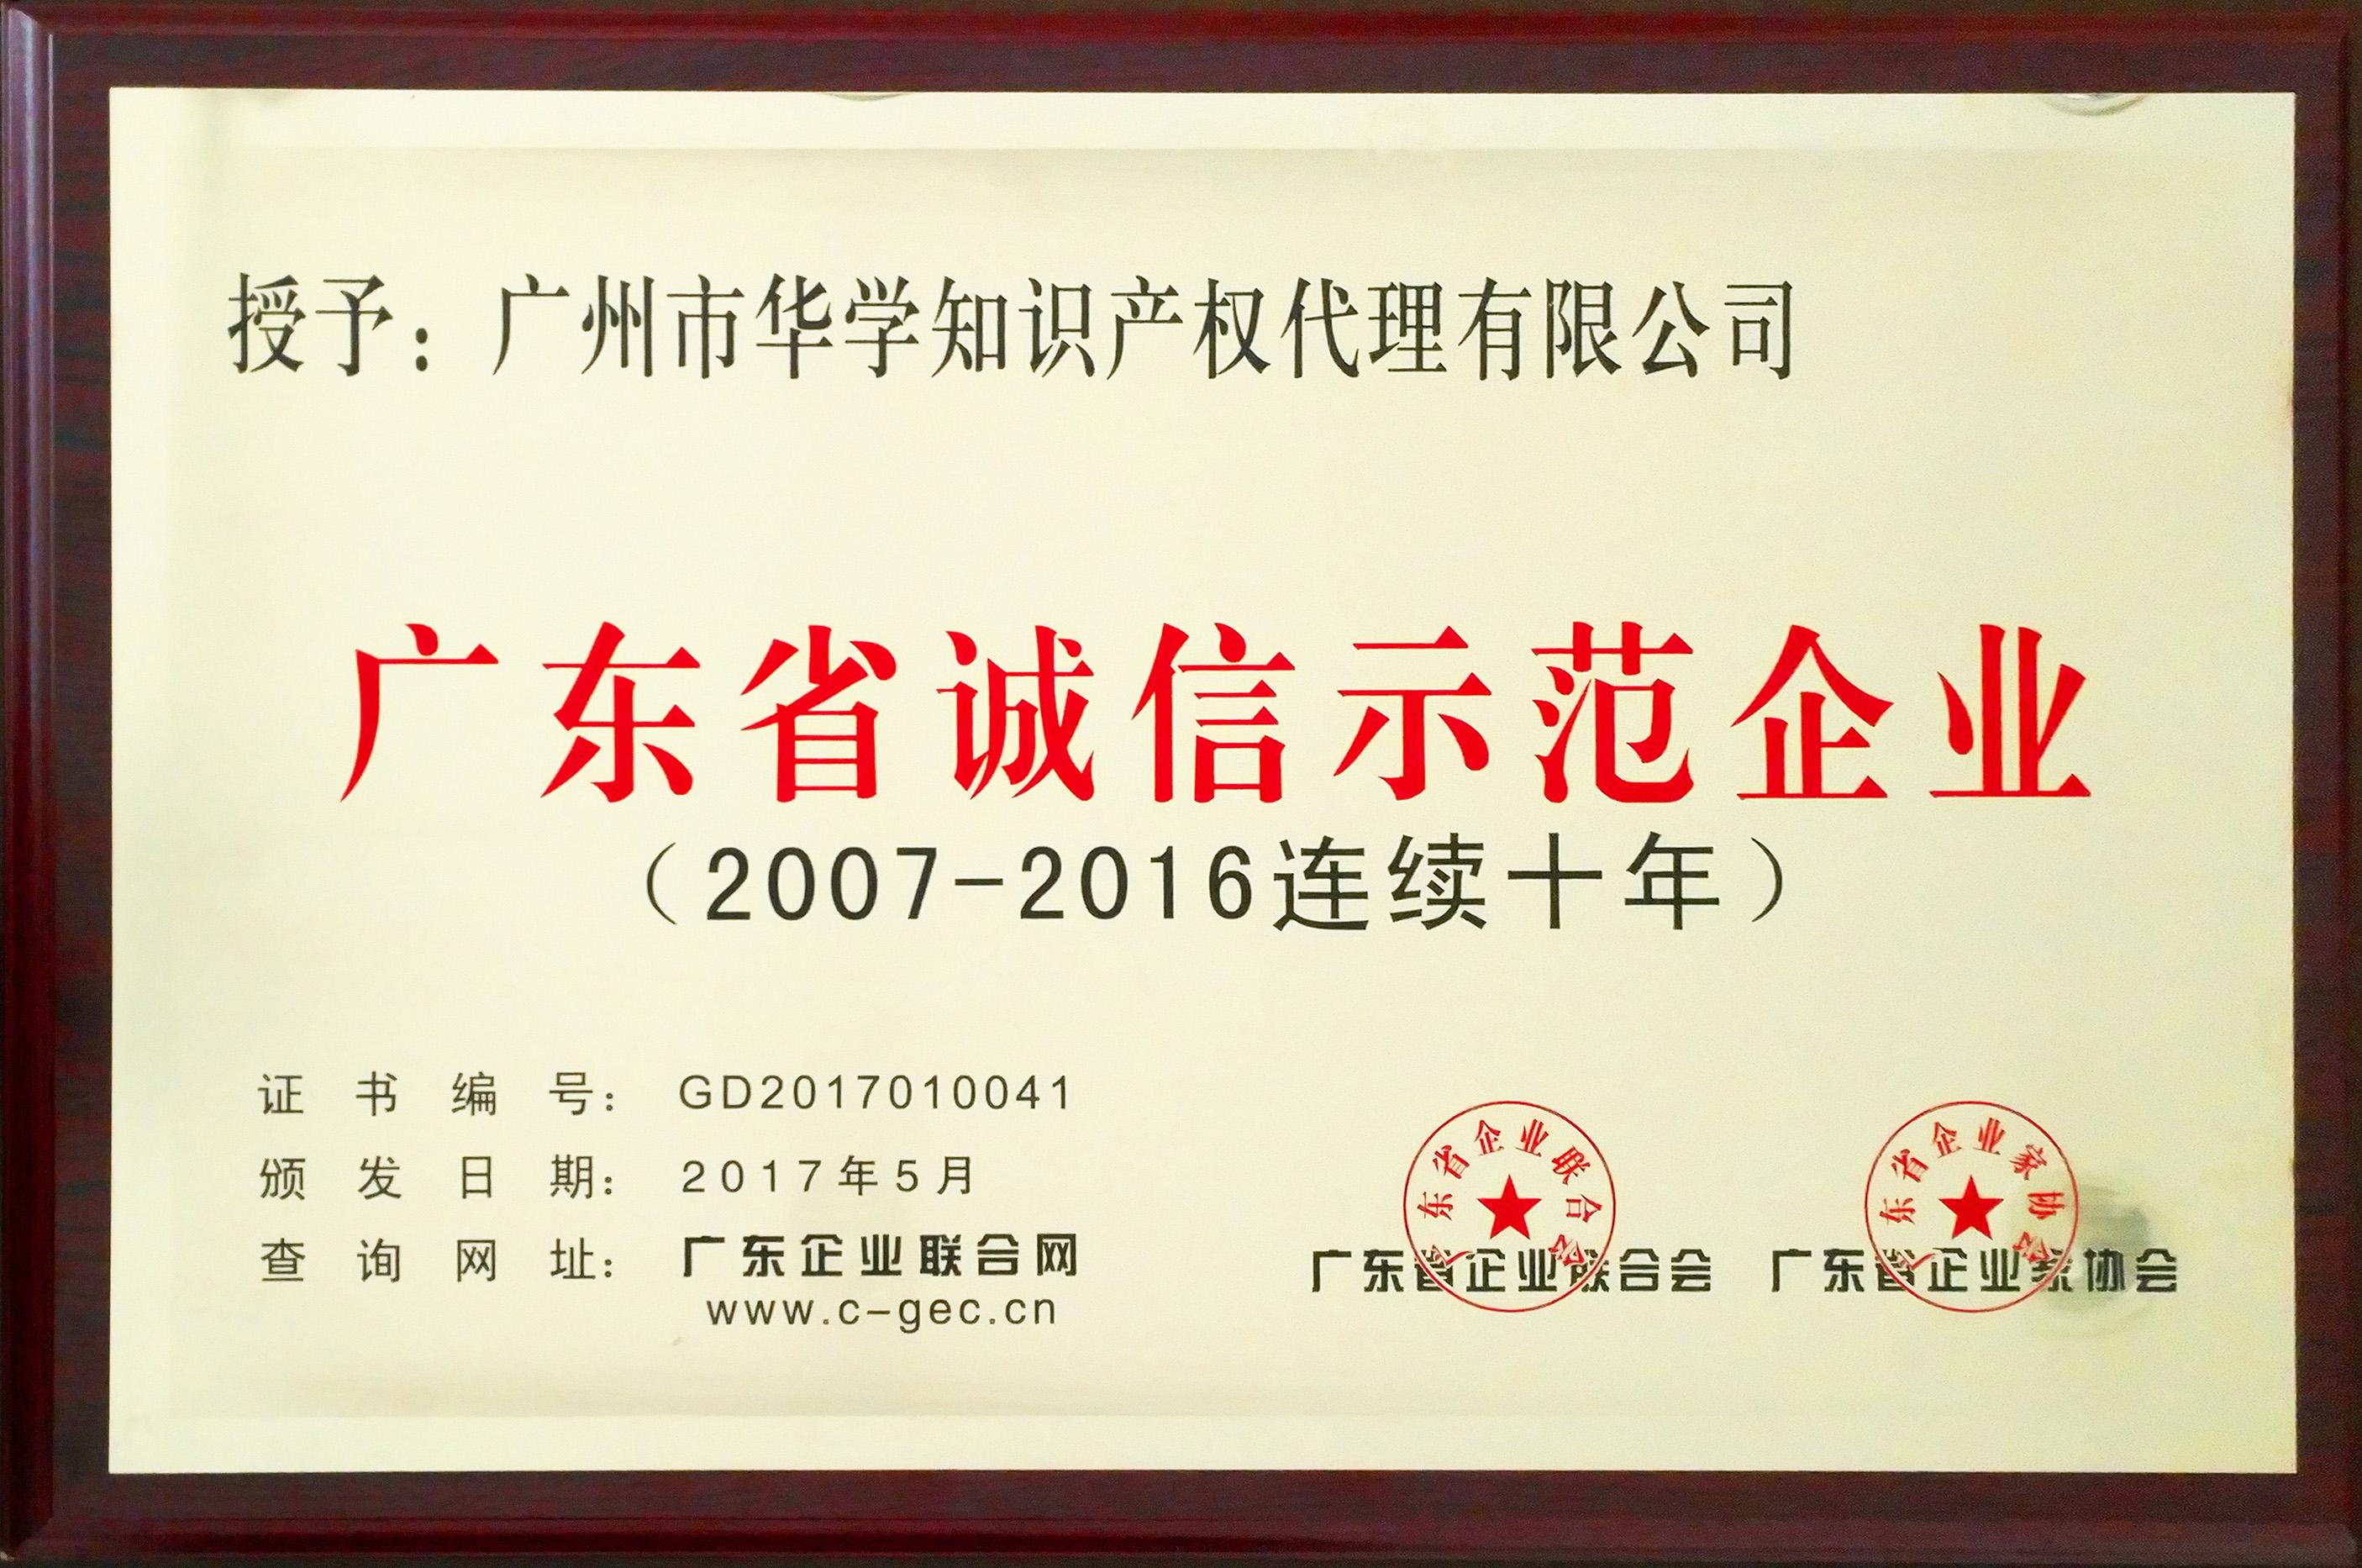 廣東省誠信示范企業-連續十年